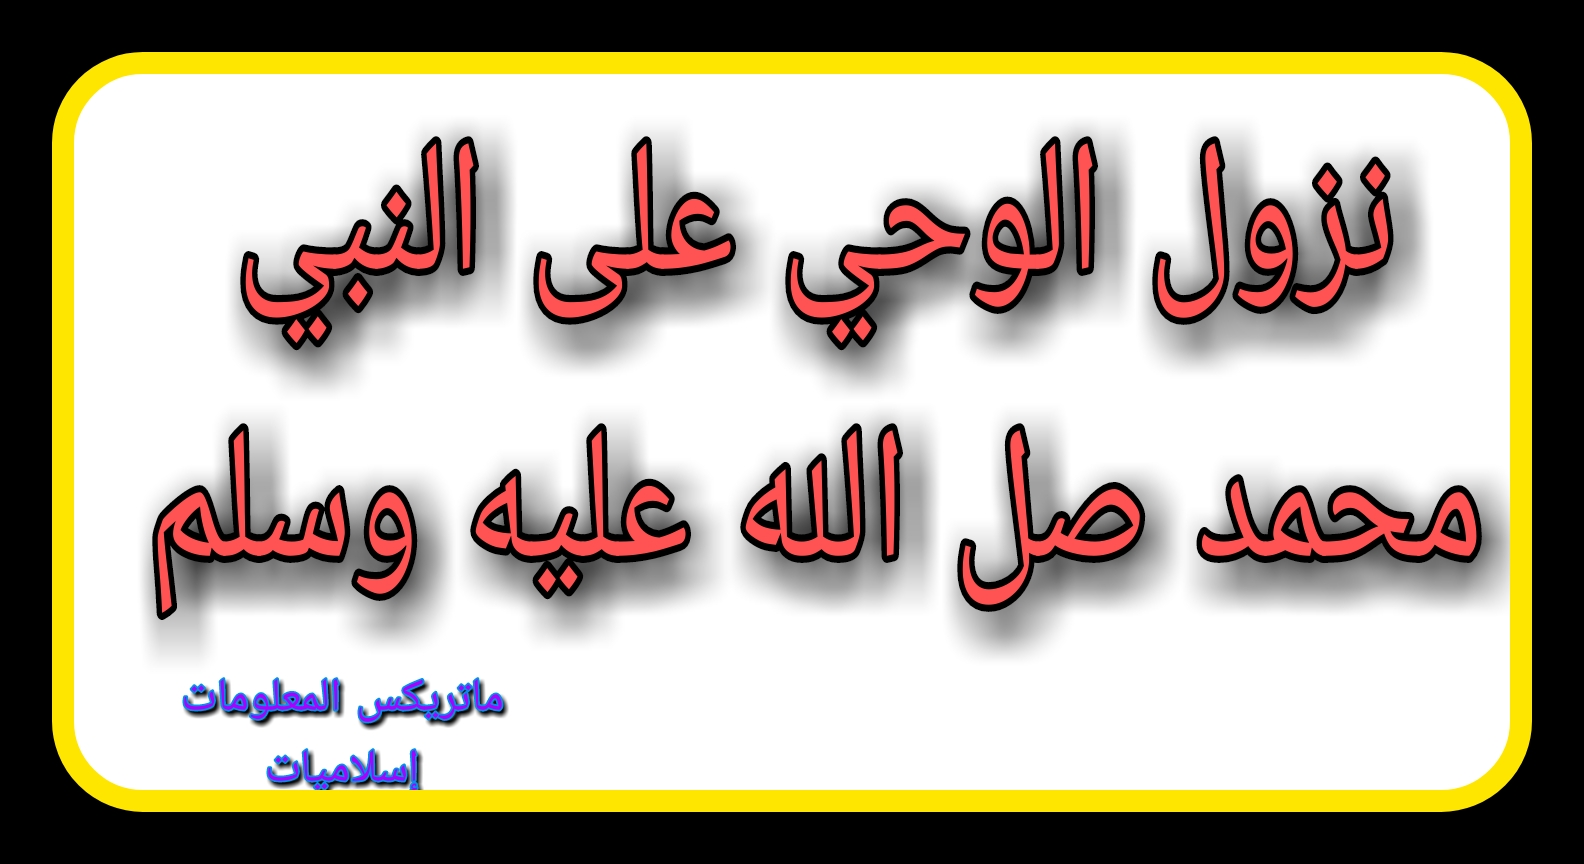 نزول الوحي على رسول الله محمد | كيف نزل الوحي على النبي محمد